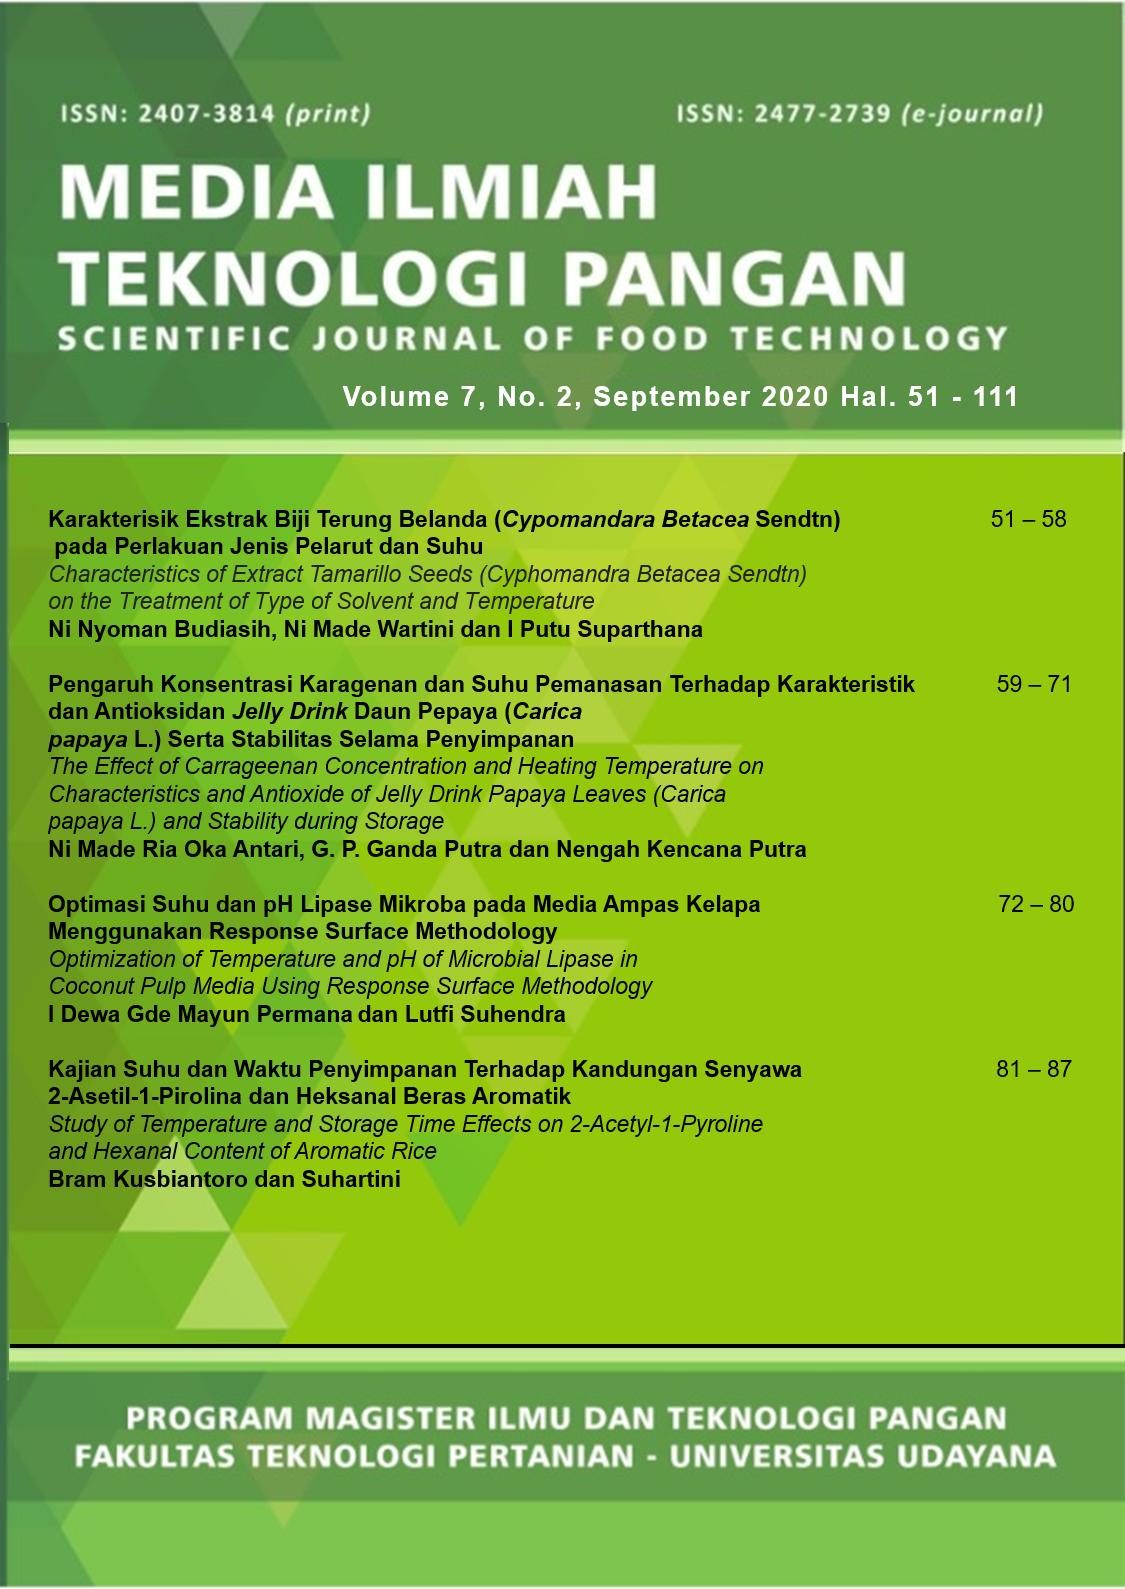 MITP Vol.7 No 2 September 2020